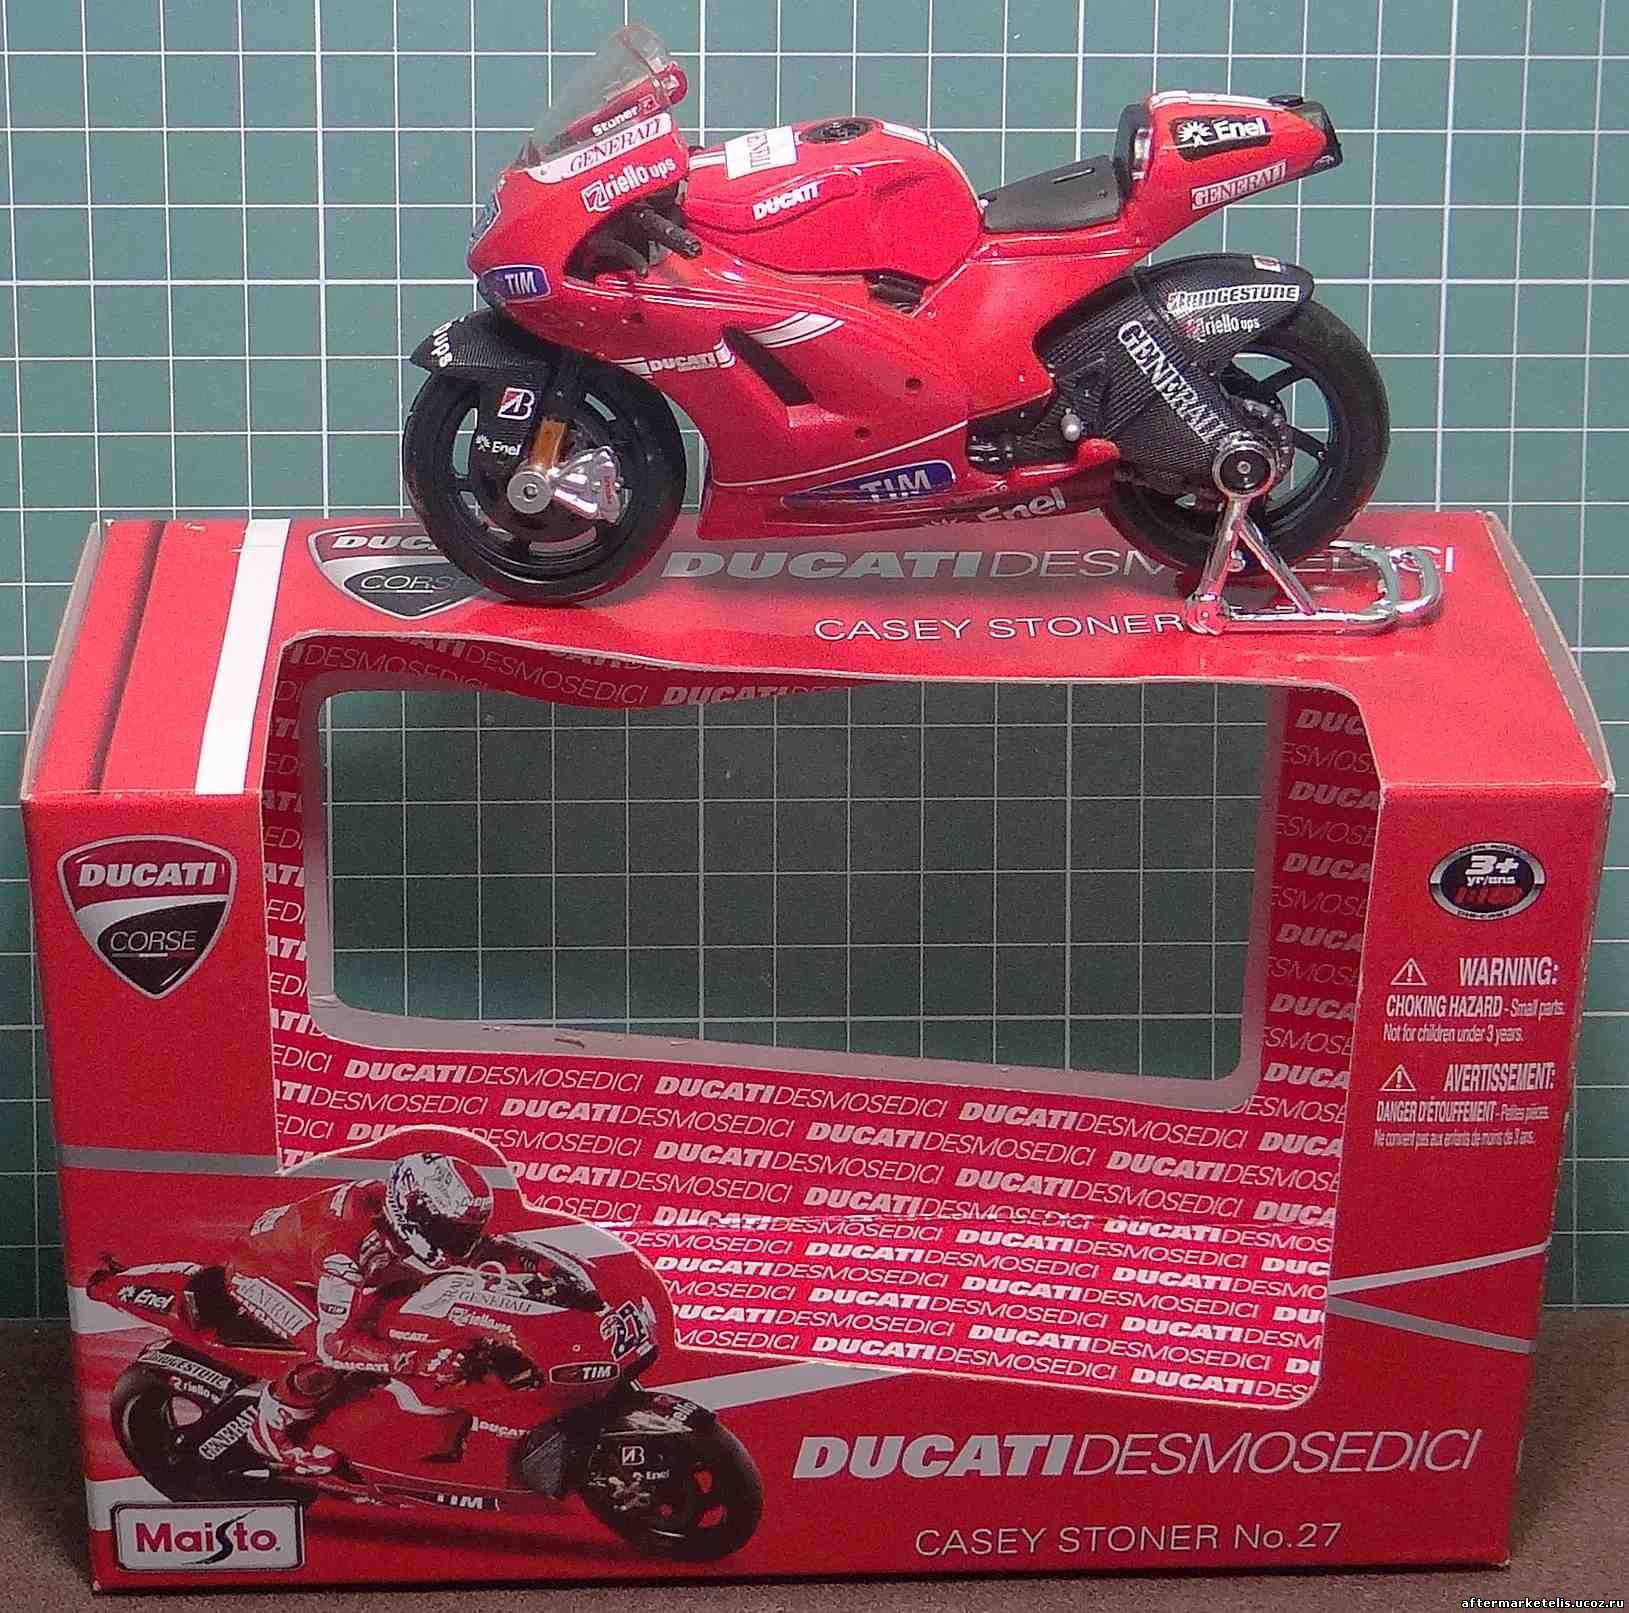 Ducati Desmosedici Casey Stoner №27 Maisto